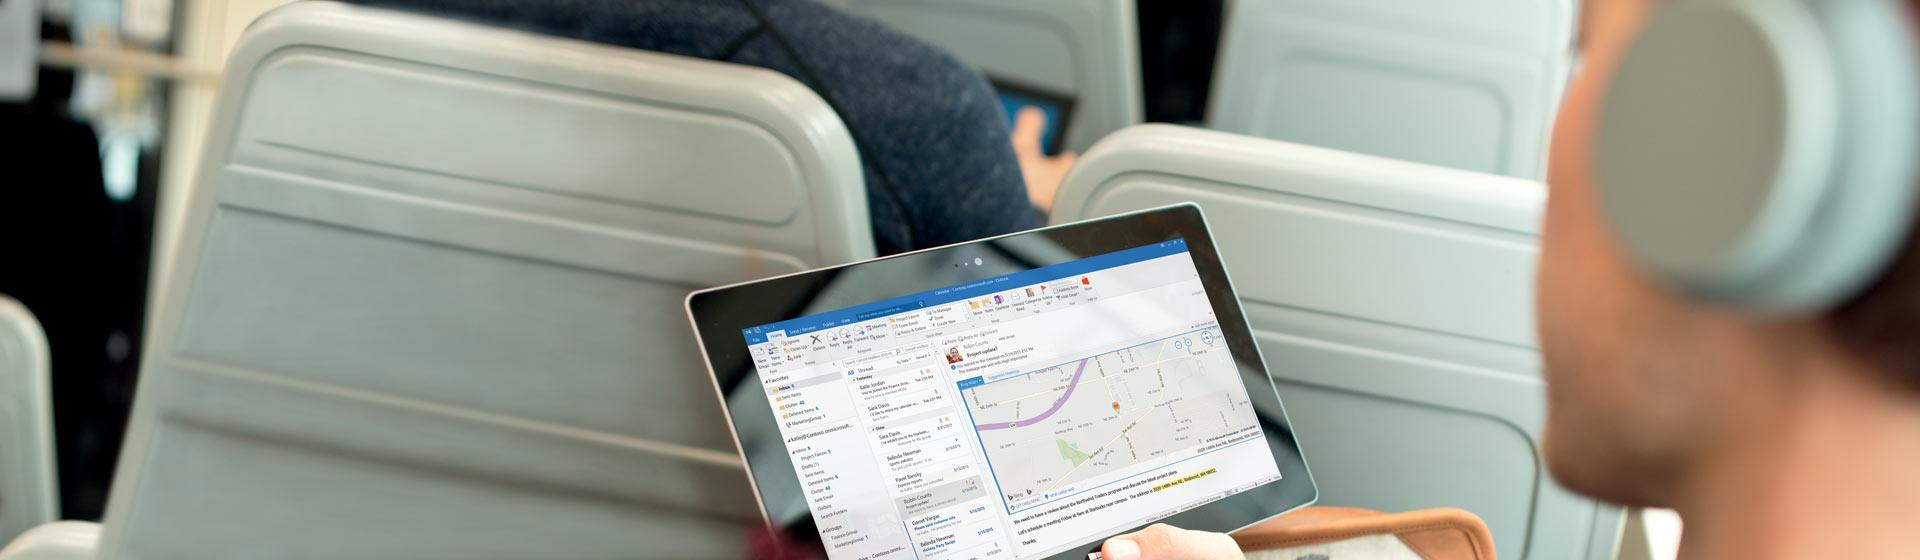 Un hombre con una tableta que muestra su bandeja de entrada de correo electrónico en Office 365